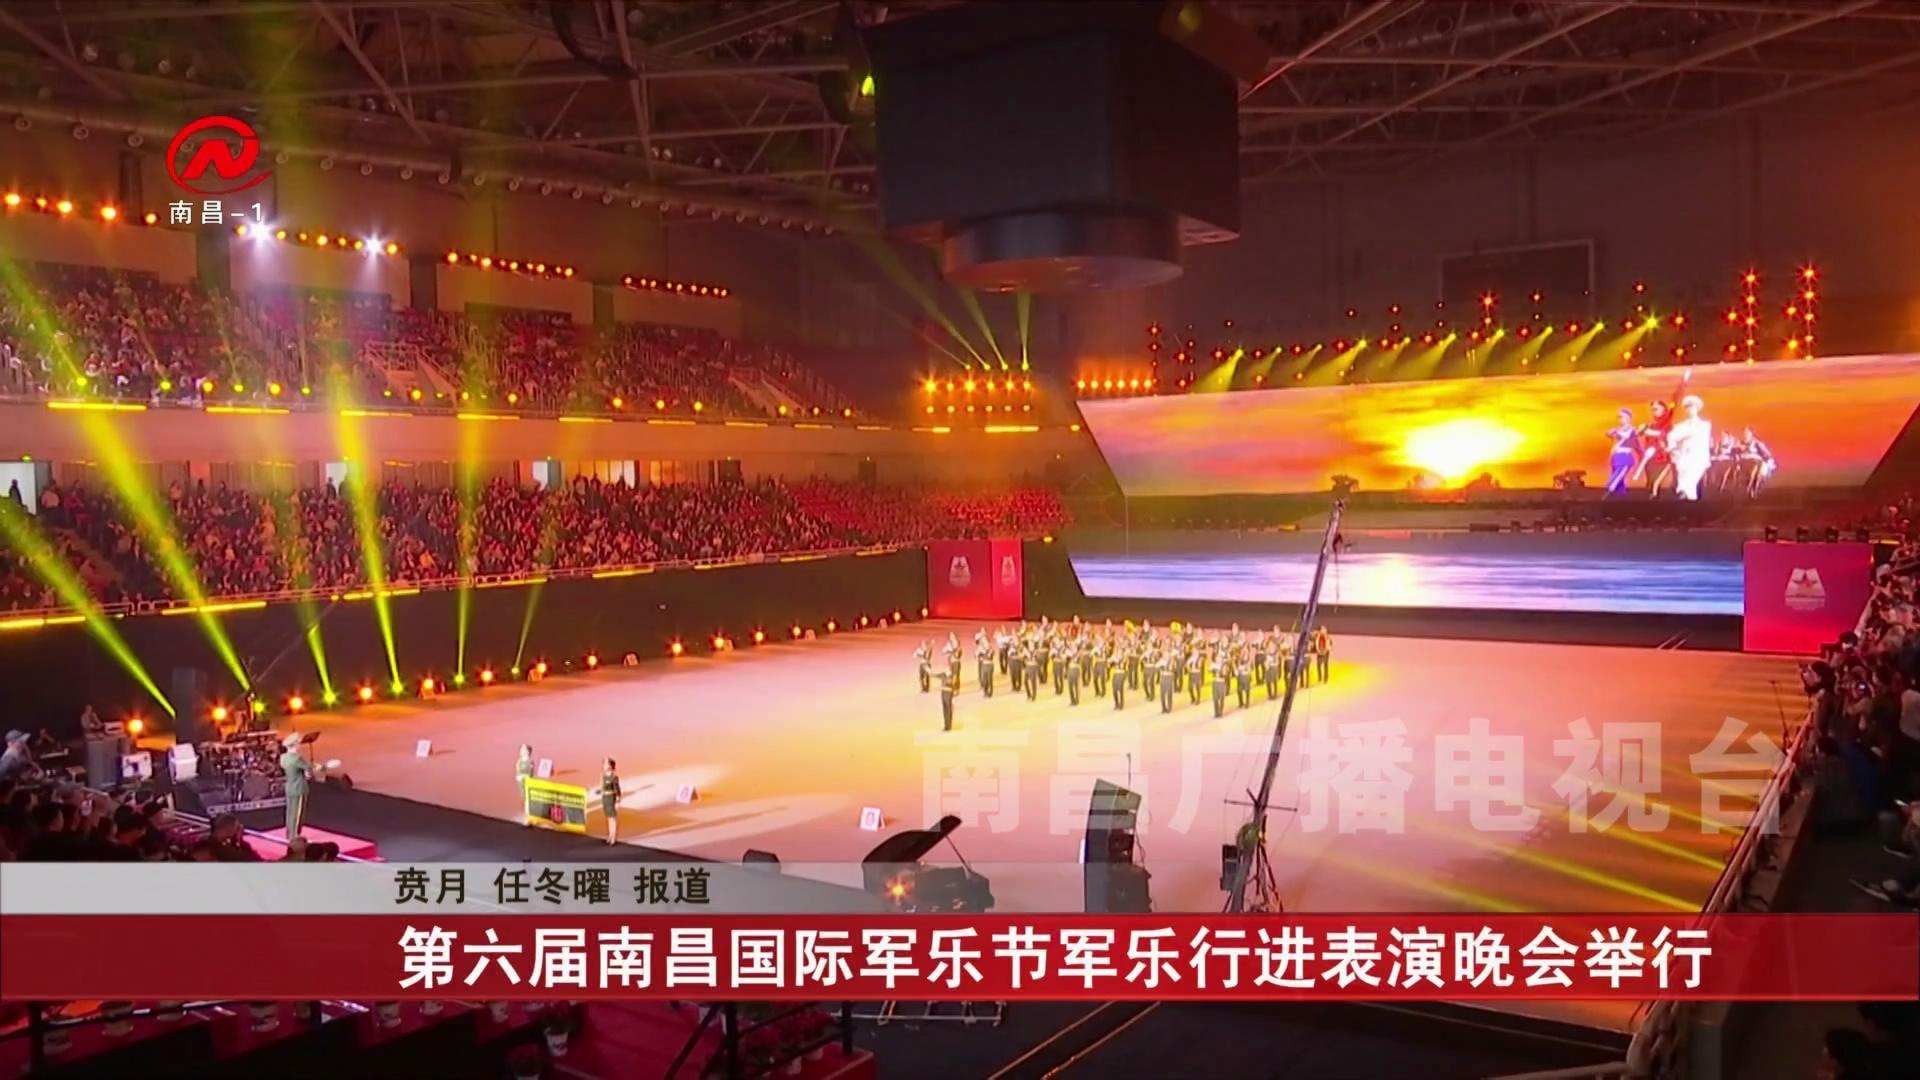 第六届南昌国际军乐节军乐行进表演晚会举